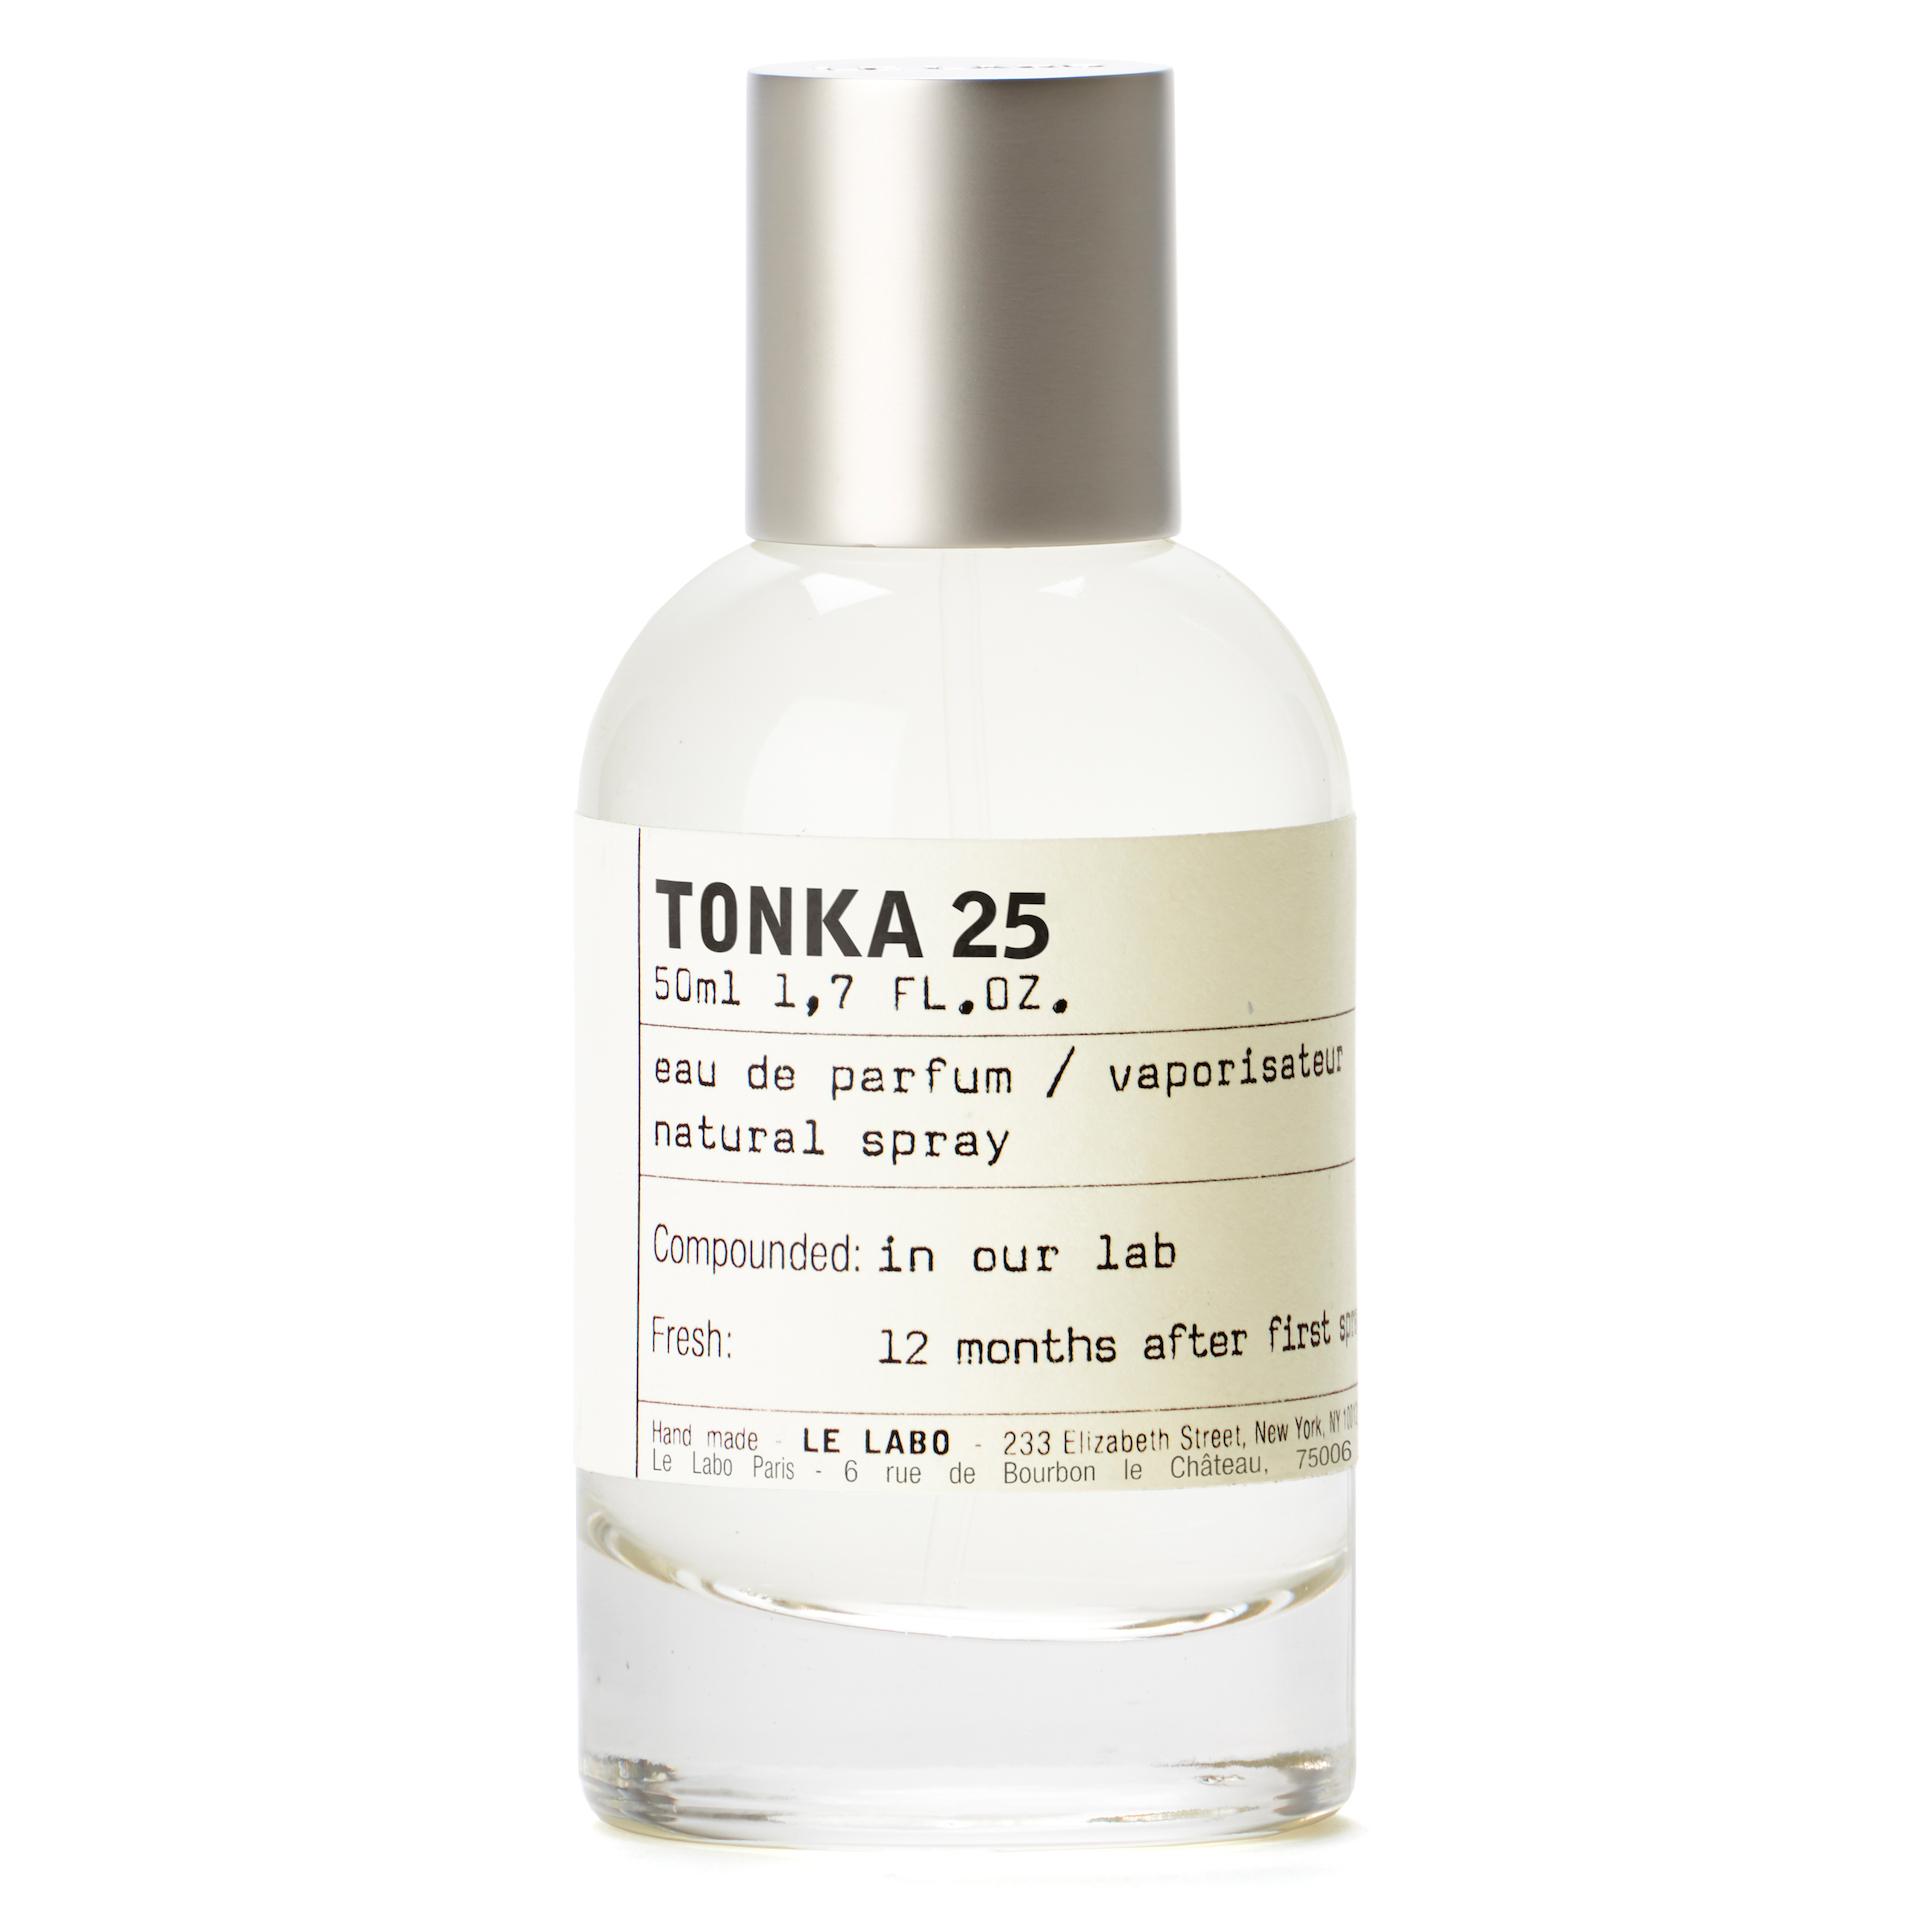 Tonka 25 Edp 50ml